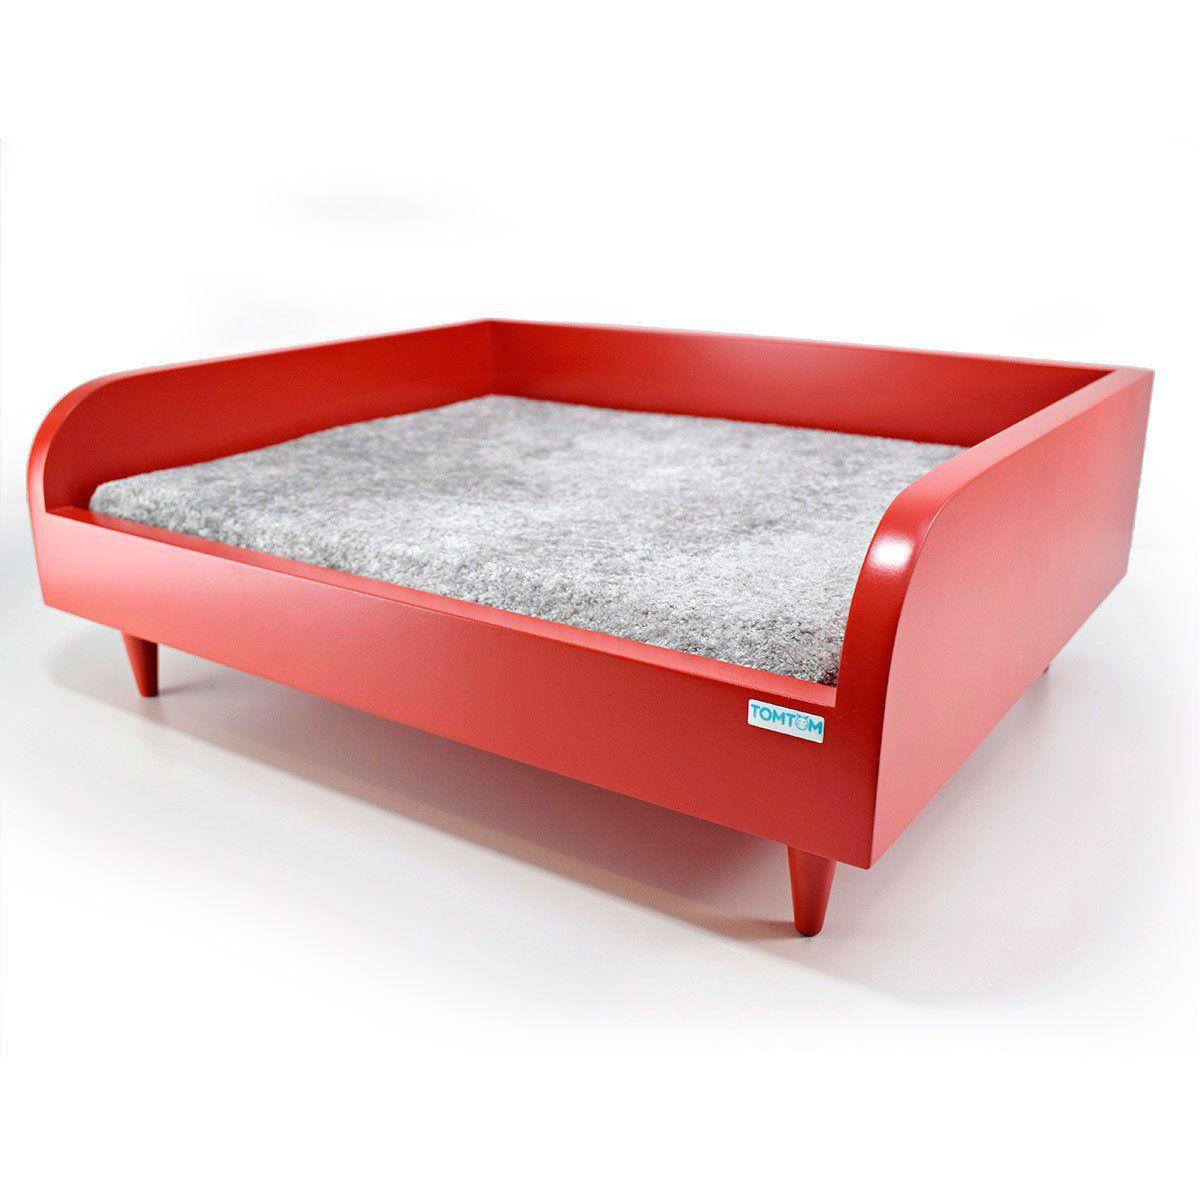 Sofá para Cachorro Tomtom Vermelho com Almofada Cinza - M